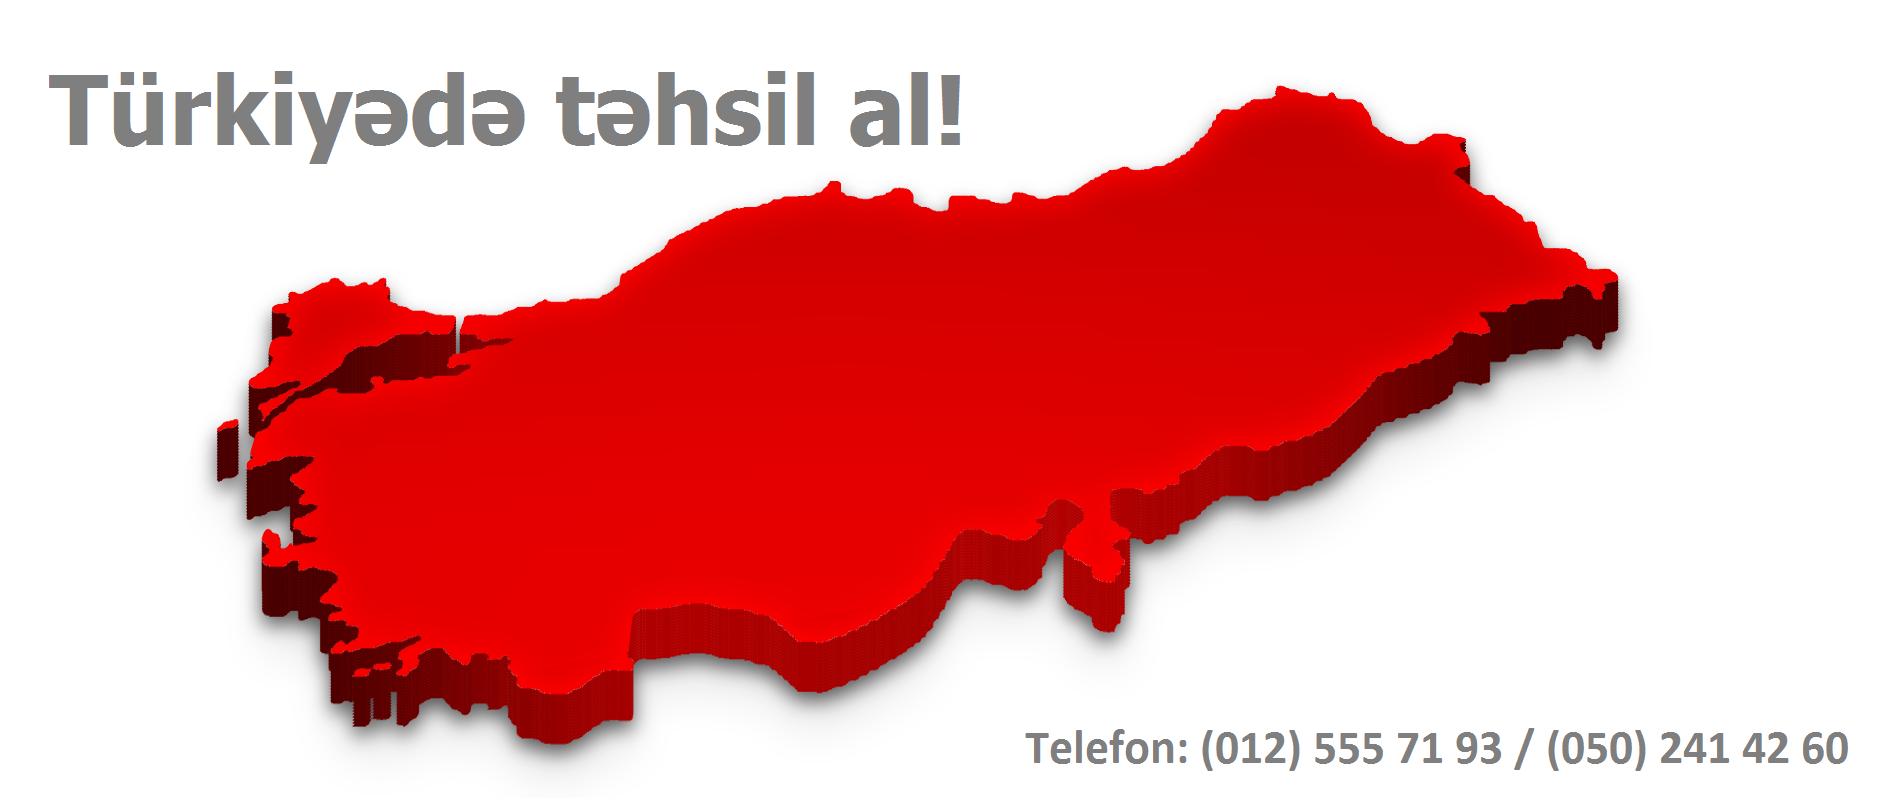 Turkiyede tehsil